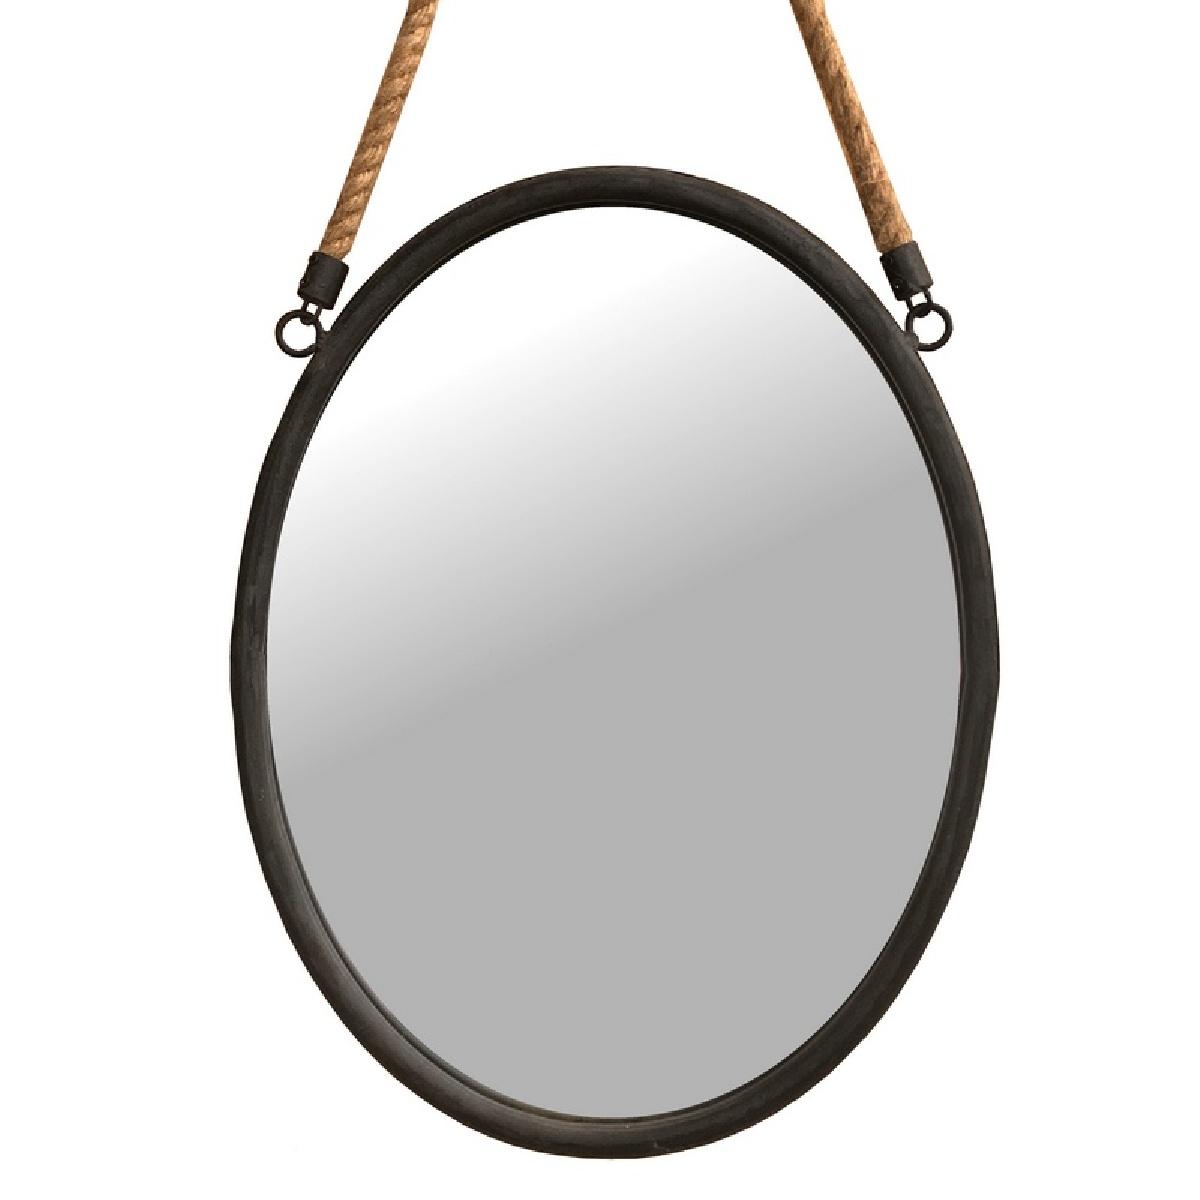 L'Originale Deco Miroir Murale Style Miroir Hublot Fenêtre Miroir Industriel 65 cm x 33.50 cm